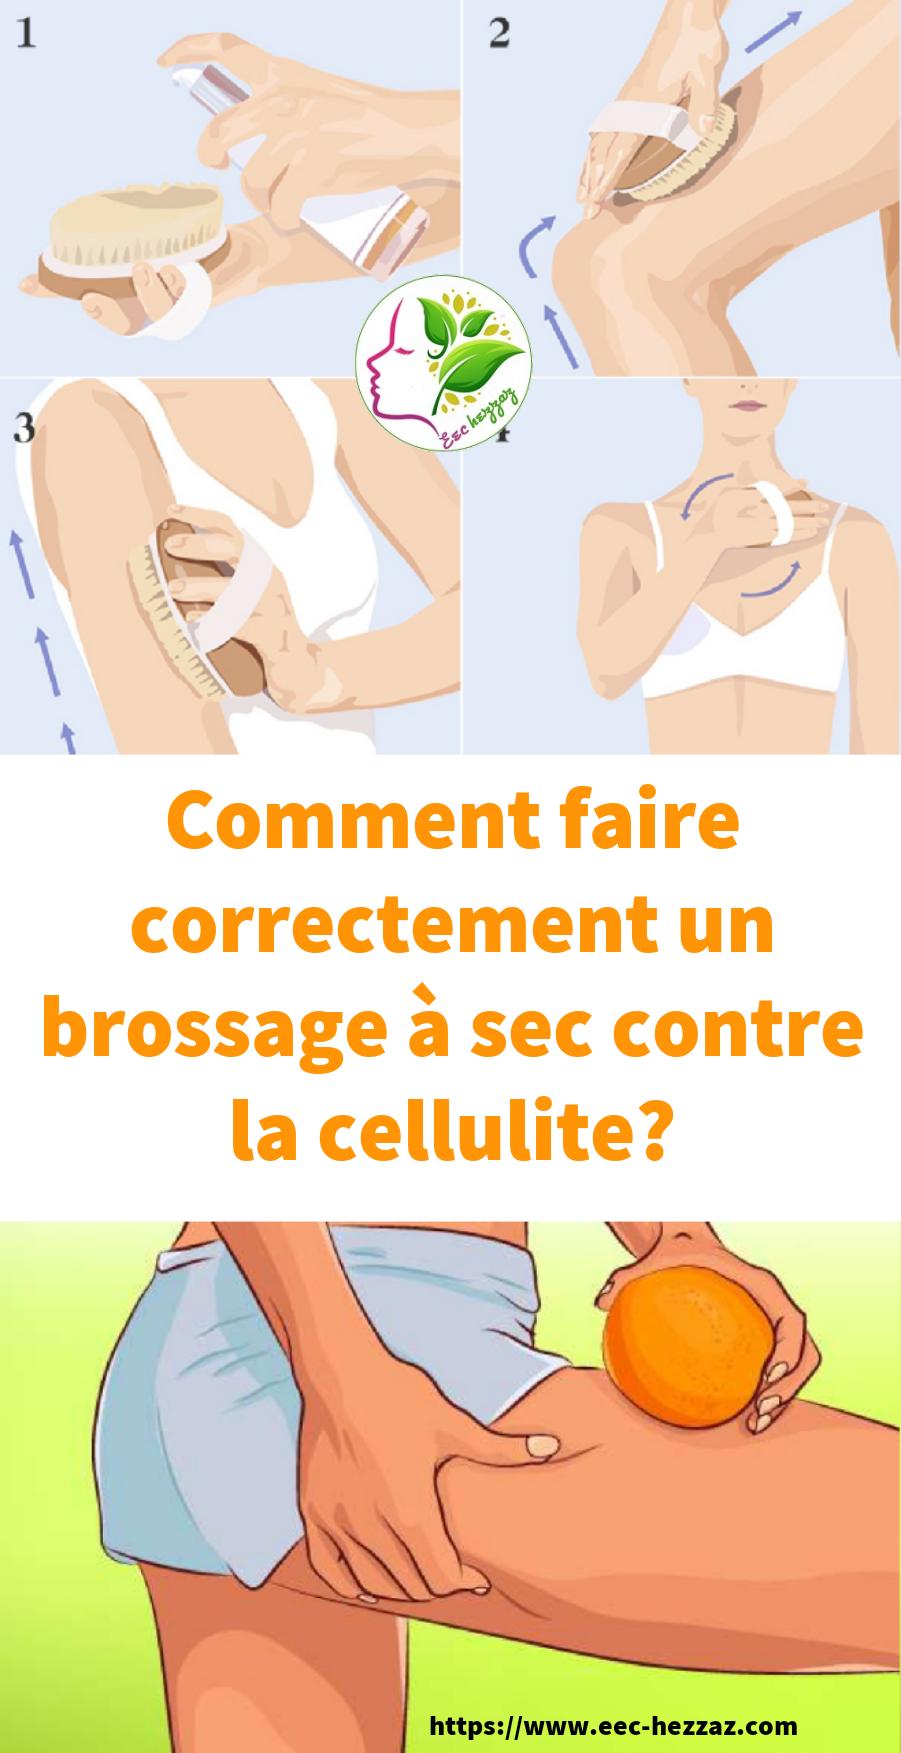 Comment faire correctement un brossage à sec contre la cellulite?